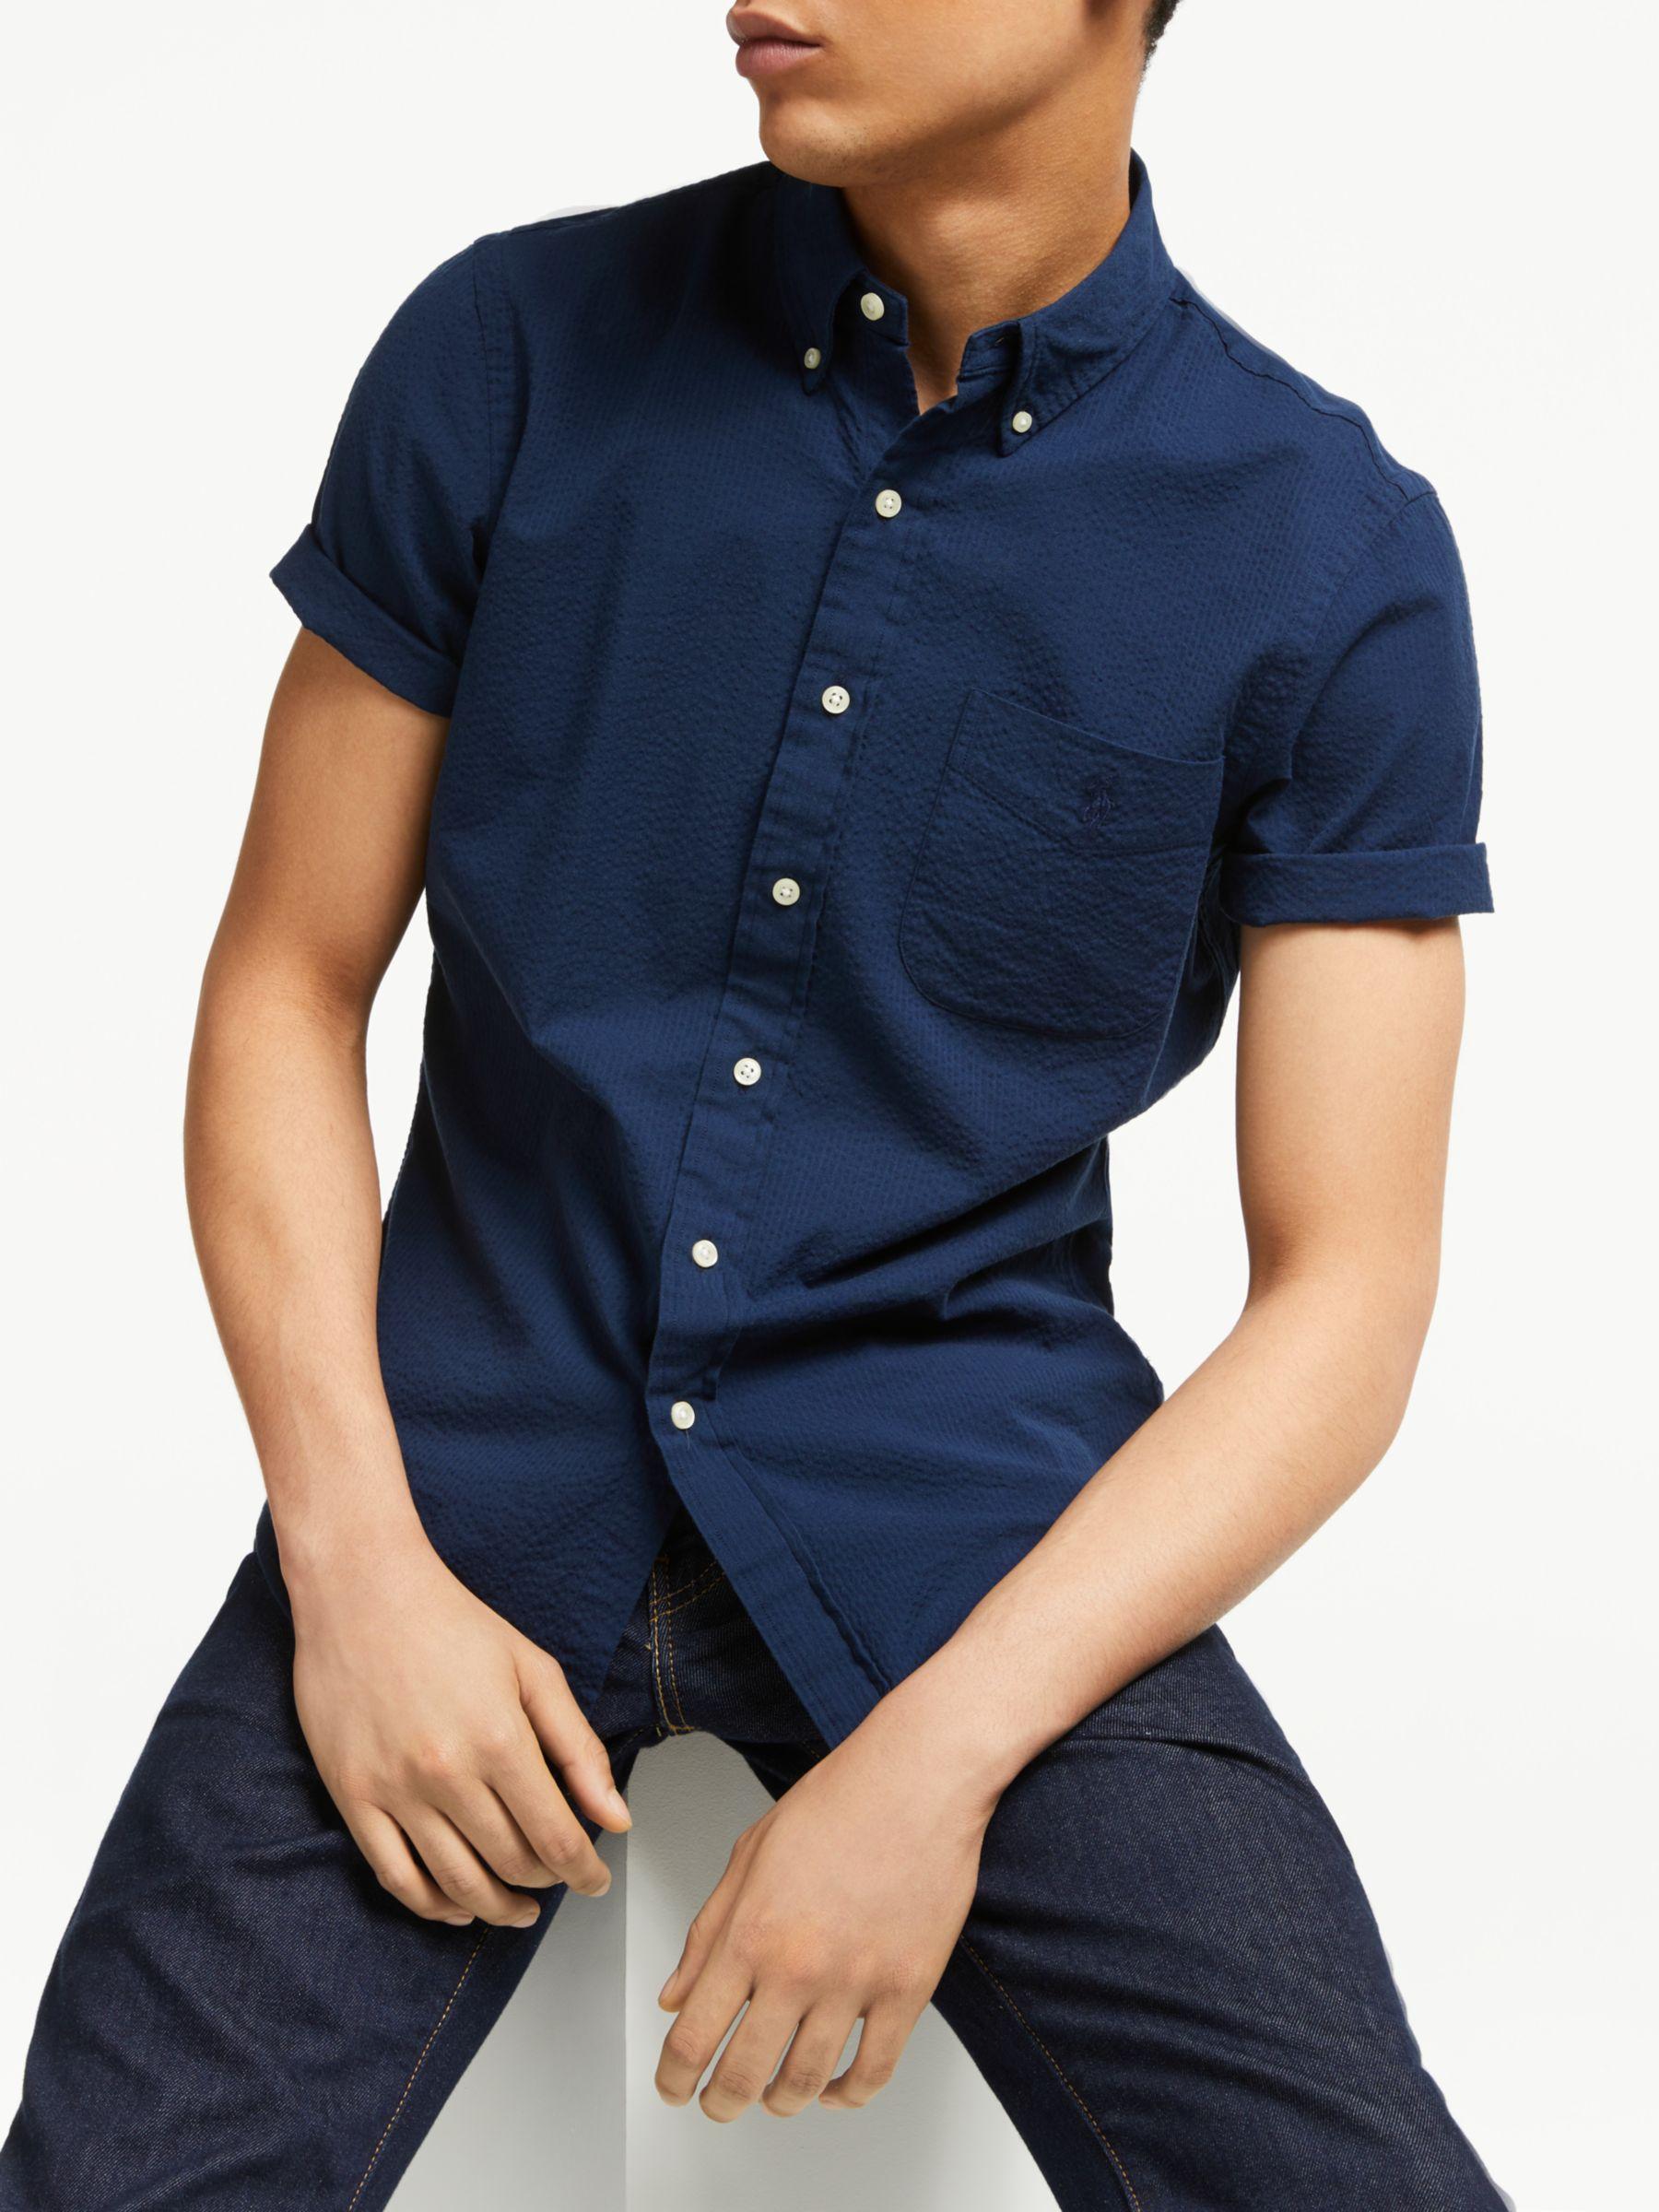 Polo Ralph Lauren Cotton Seersucker Short Sleeve Shirt At John